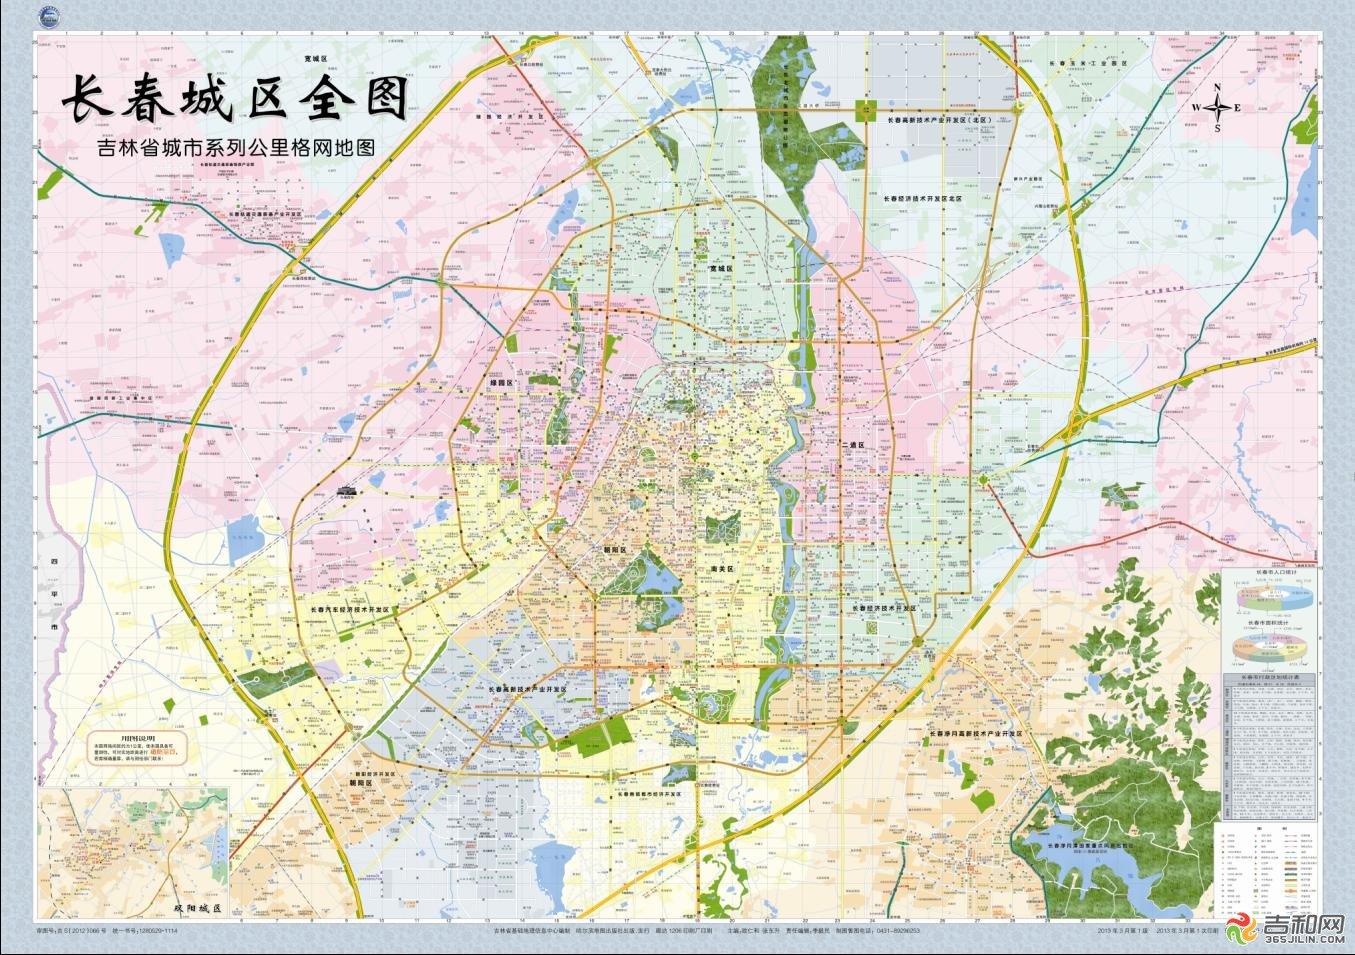 近日,吉林省基础地理信息中心编制完成的新版《吉林省地图》和《长春城区全图》超大全开版面系列挂图正式出版发行。      《吉林省地图》和《长春城区全图》使用最新的基础地理信息数据和最先进的制图技术编制完成,首次采用超大全开版面,分为装裱画框和挂杆地图两种形式,集实用性和艺术性于一体。这套地图全面、翔实地将吉林省基础设施、自然景观、旅游景点、交通、水系等要素以简明、直观的地图语言表现出来,是为政府办公、城市规划、百姓出行提供地理信息服务的优质地图产品。      《吉林省地图》比例尺为1:70万,内容包